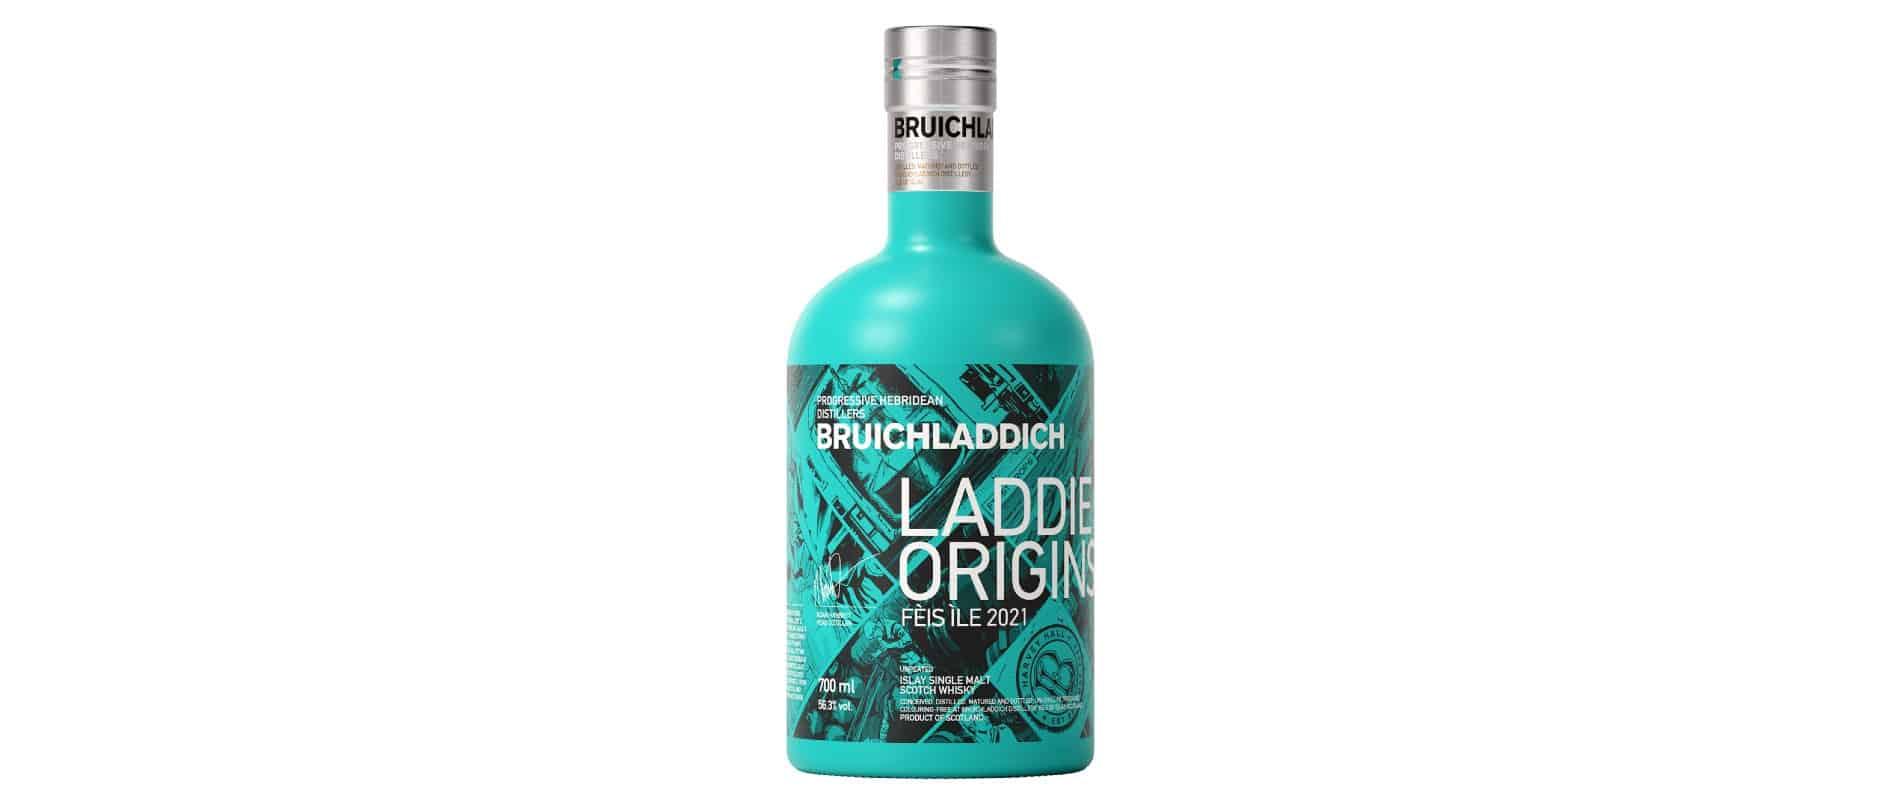 bruichladdie laddie origins feis ile 2021